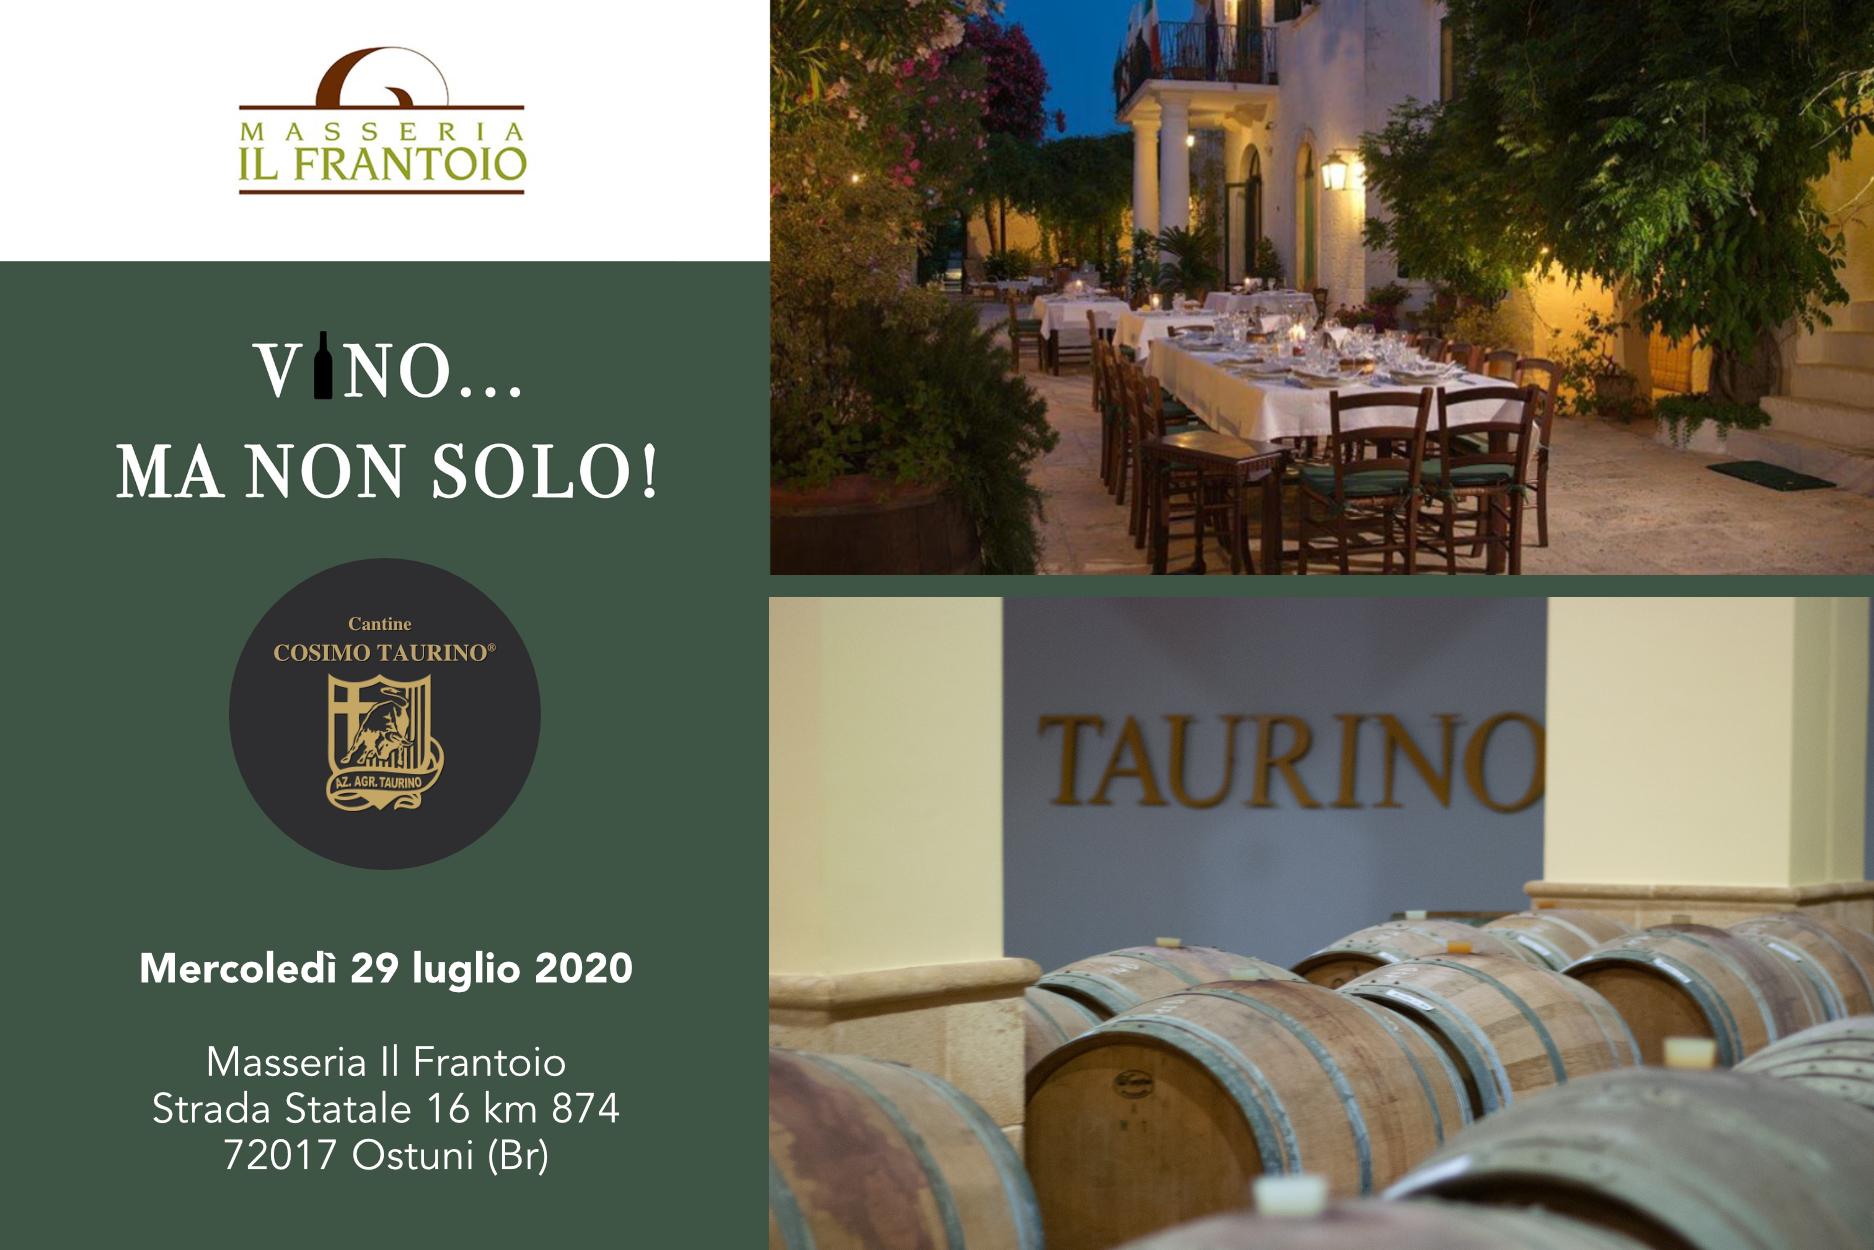 Degustazione vini cantine Cosimo Taurino a ostuni